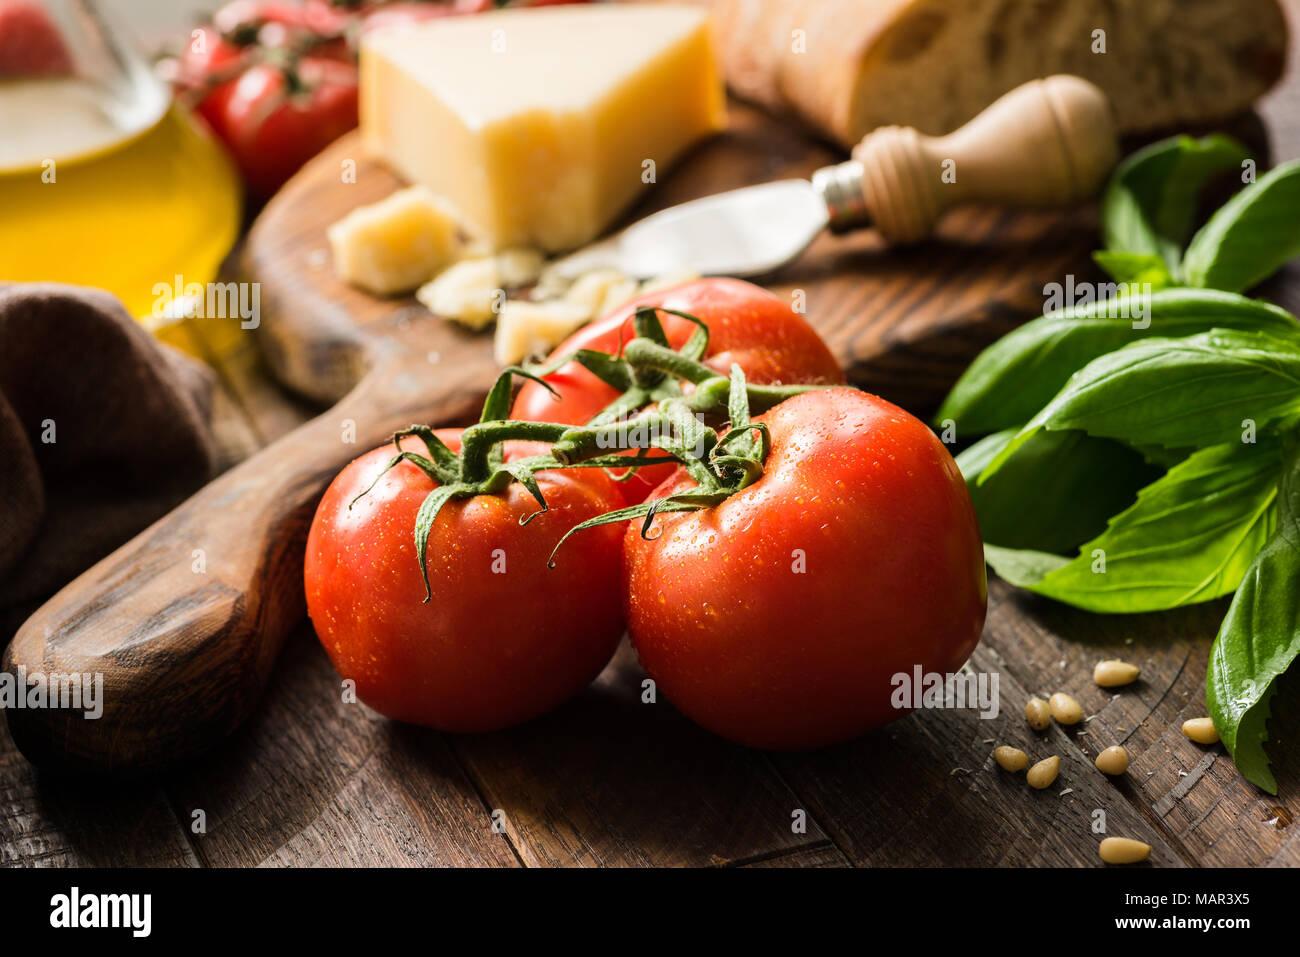 Tomaten auf Wein, Olivenöl und Parmesan. Italienisches Essen Hintergrund oder noch leben Stockbild